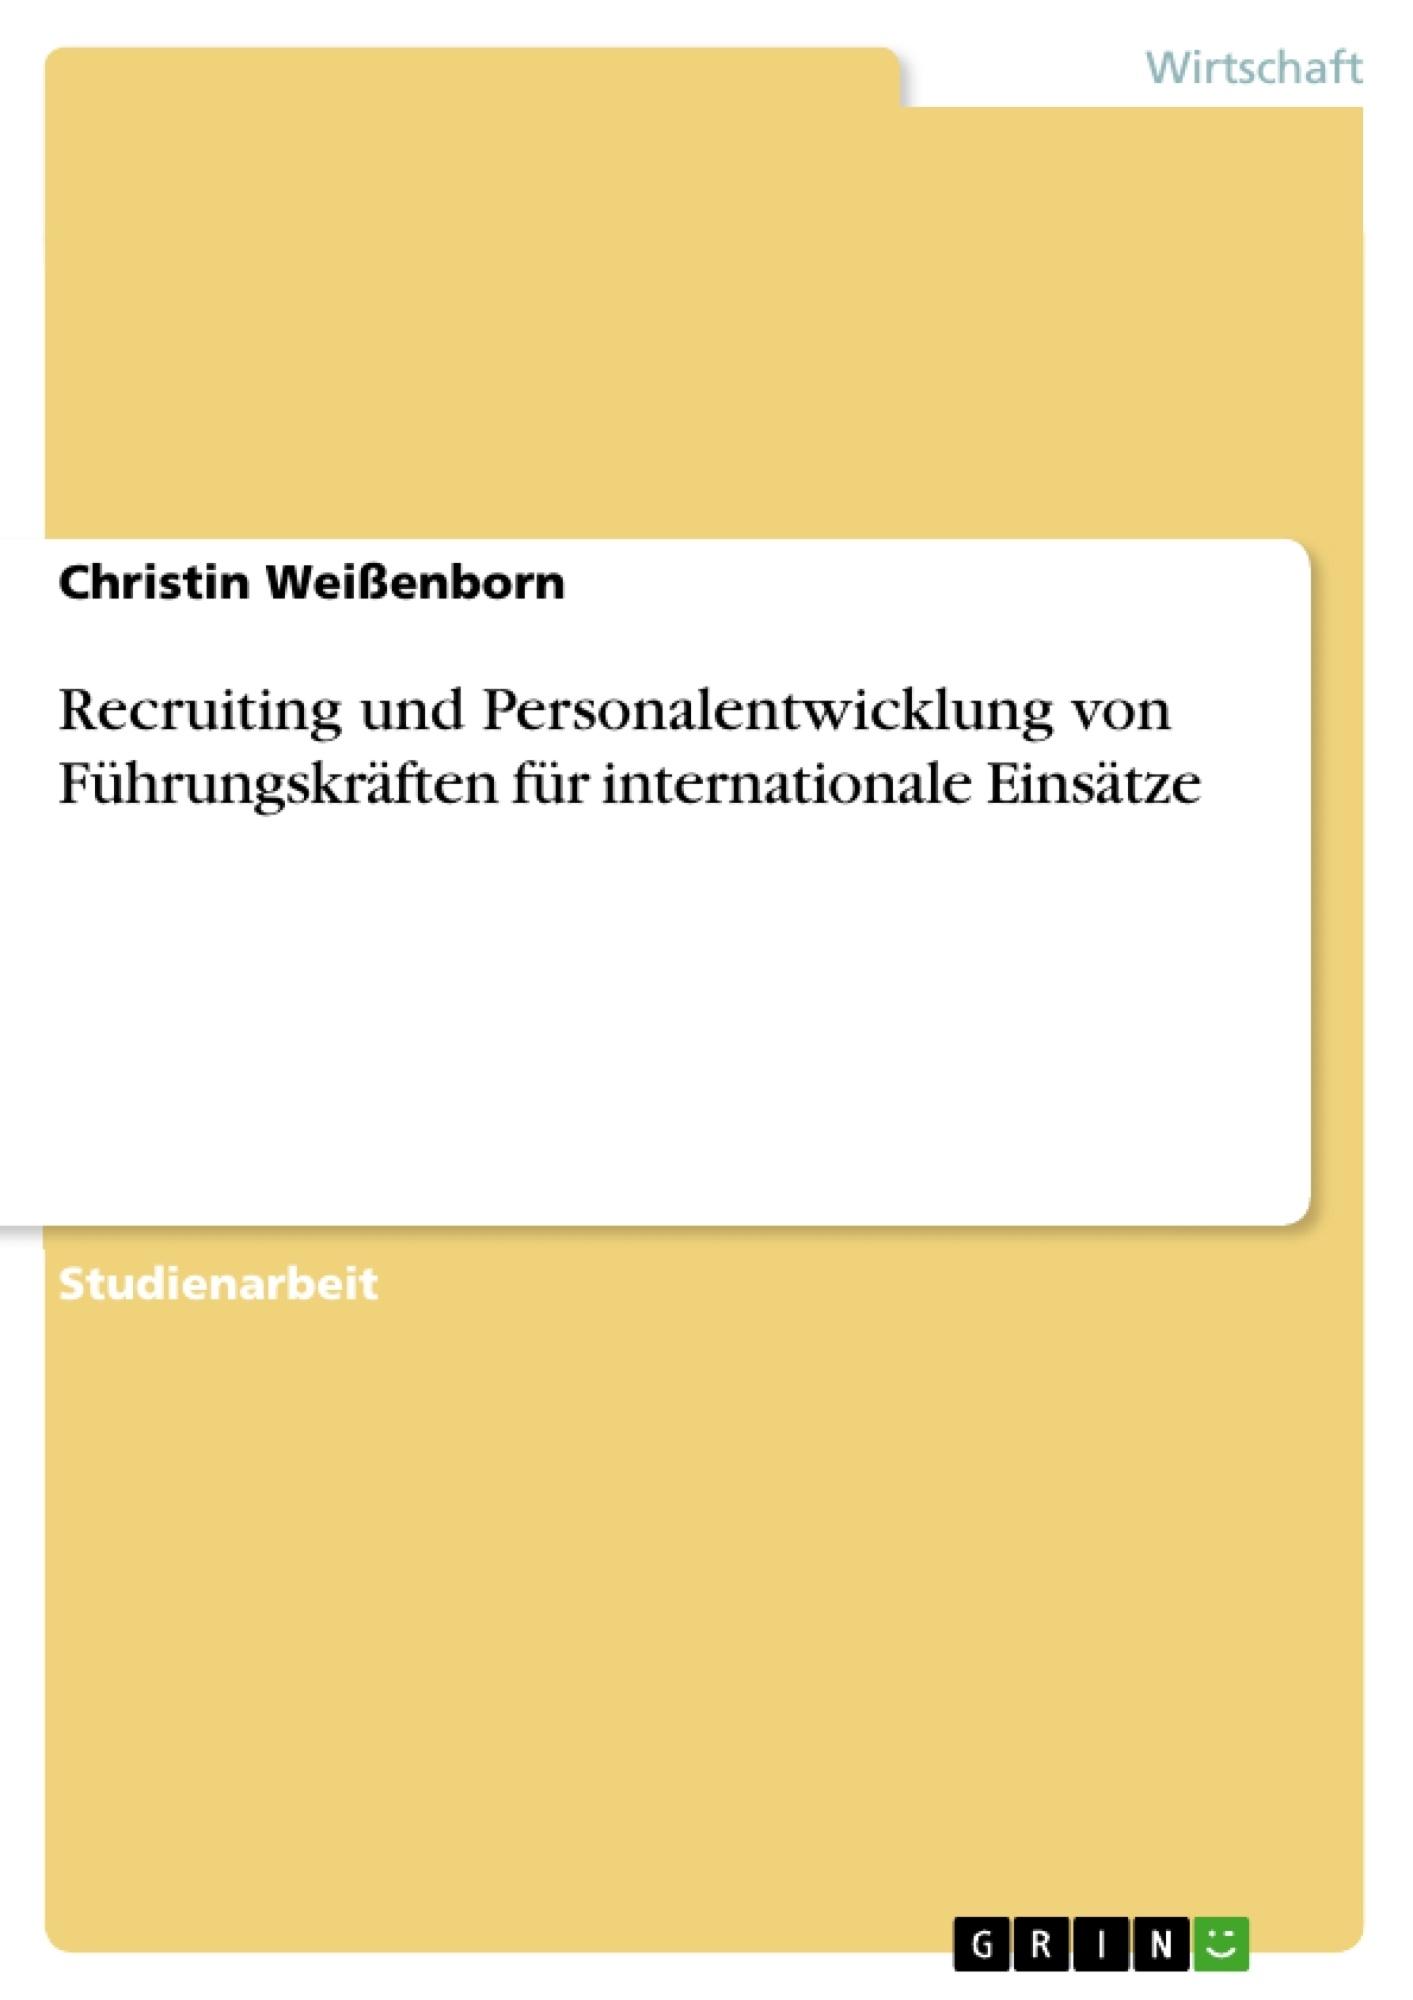 Titel: Recruiting und Personalentwicklung von Führungskräften für internationale Einsätze